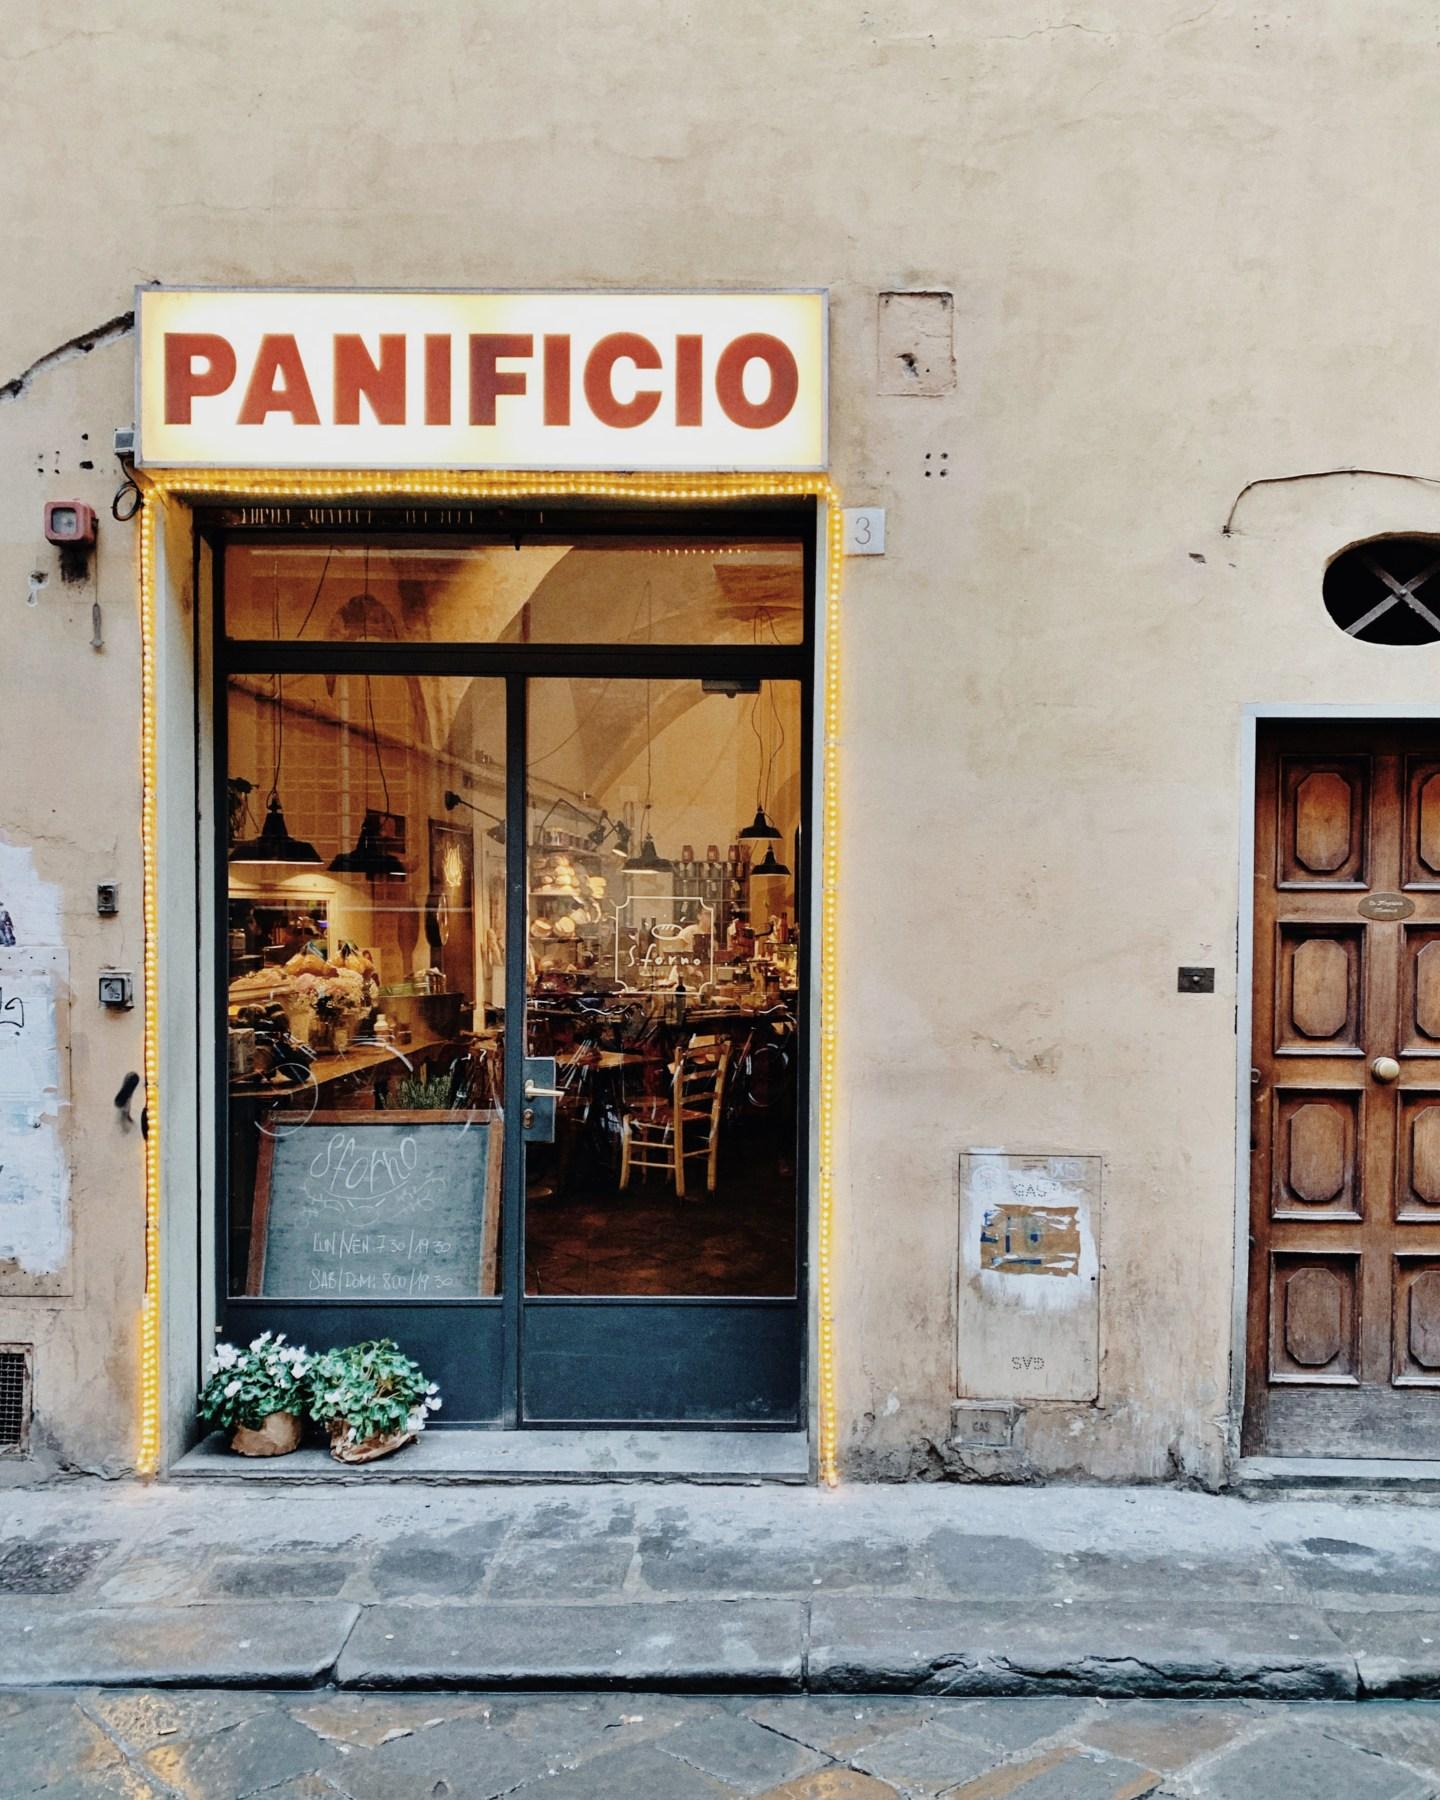 Väl värt ett besök när du är i Florens